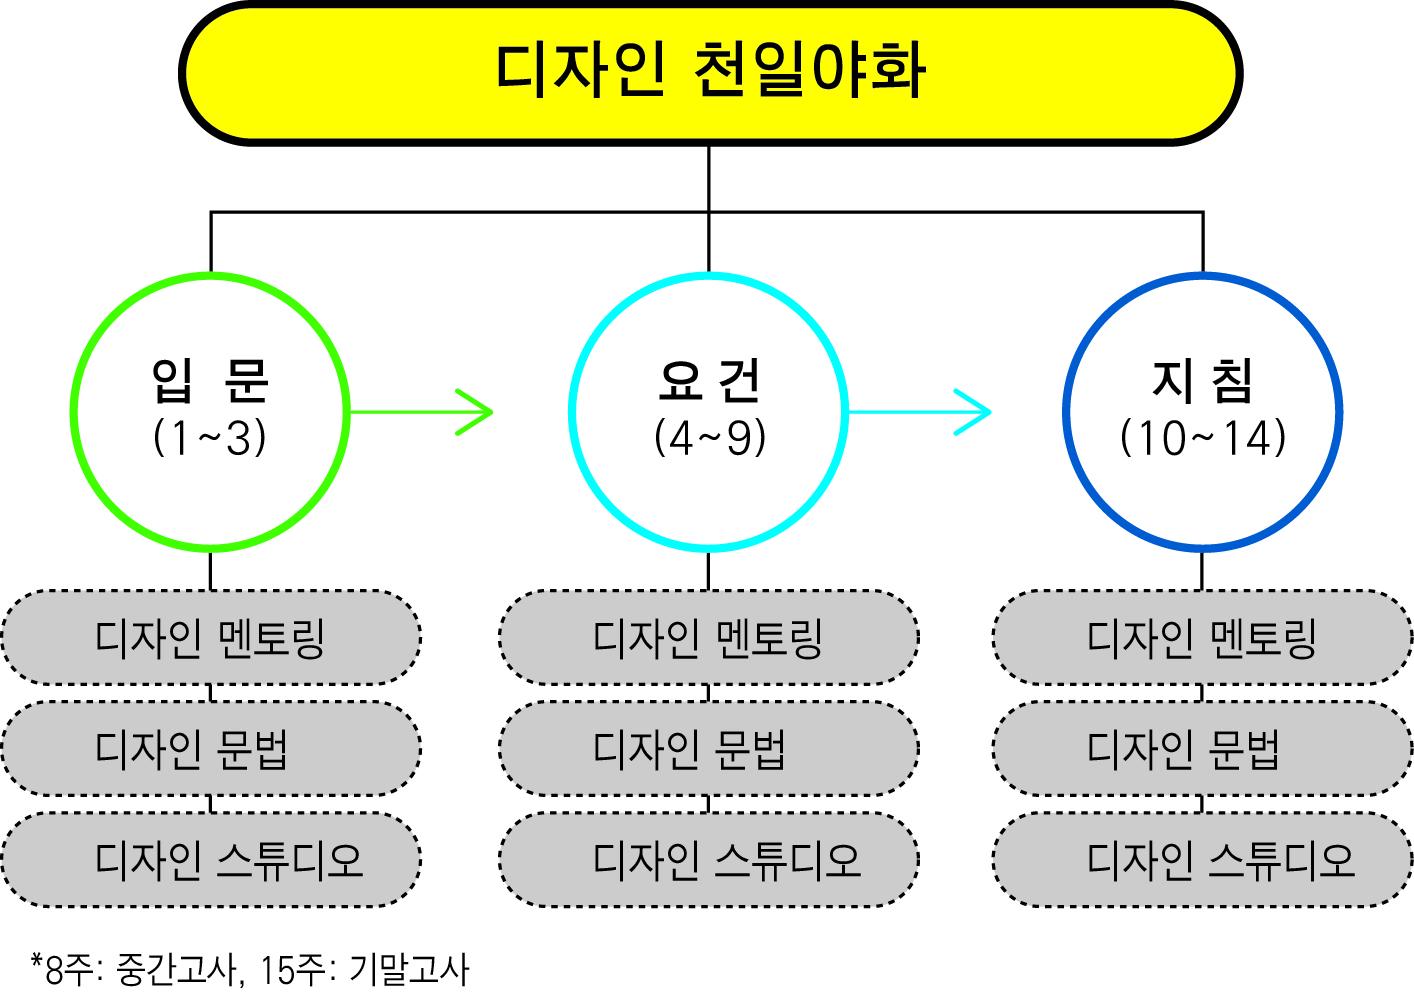 이 강좌의 구조는 크게 세 단계로 이루어졌는데, 첫째 입문 3주는 디자인의 문을 여는 과정으로, 디자인을 포괄적으로 조망한다. 강의의 구성은 1차시 디자인 멘토링, 2차시 디자인 문법, 3차시 디자인 스튜디오로 편성되었다. 여기서 1차시 디자인 멘토링은 토픽 중심형 에세이로서 주로 디자인 전반에 대해 꼭 알아야할 주제들을 소개한다. 2차시 디자인 문법은 디자인의 기초 이론을 소개하는 차시이다. 디자인 멘토링이 주관적 그리고 경험적 입장이라면, 디자인 문법은 디자인을 객관적이고 체계적으로 다룬다. 그리고 3차시 디자인 스튜디오는 디자인이라는 '추상 세계'로 들어서는 과정으로 비교적 간단한 실습을 체험한다.